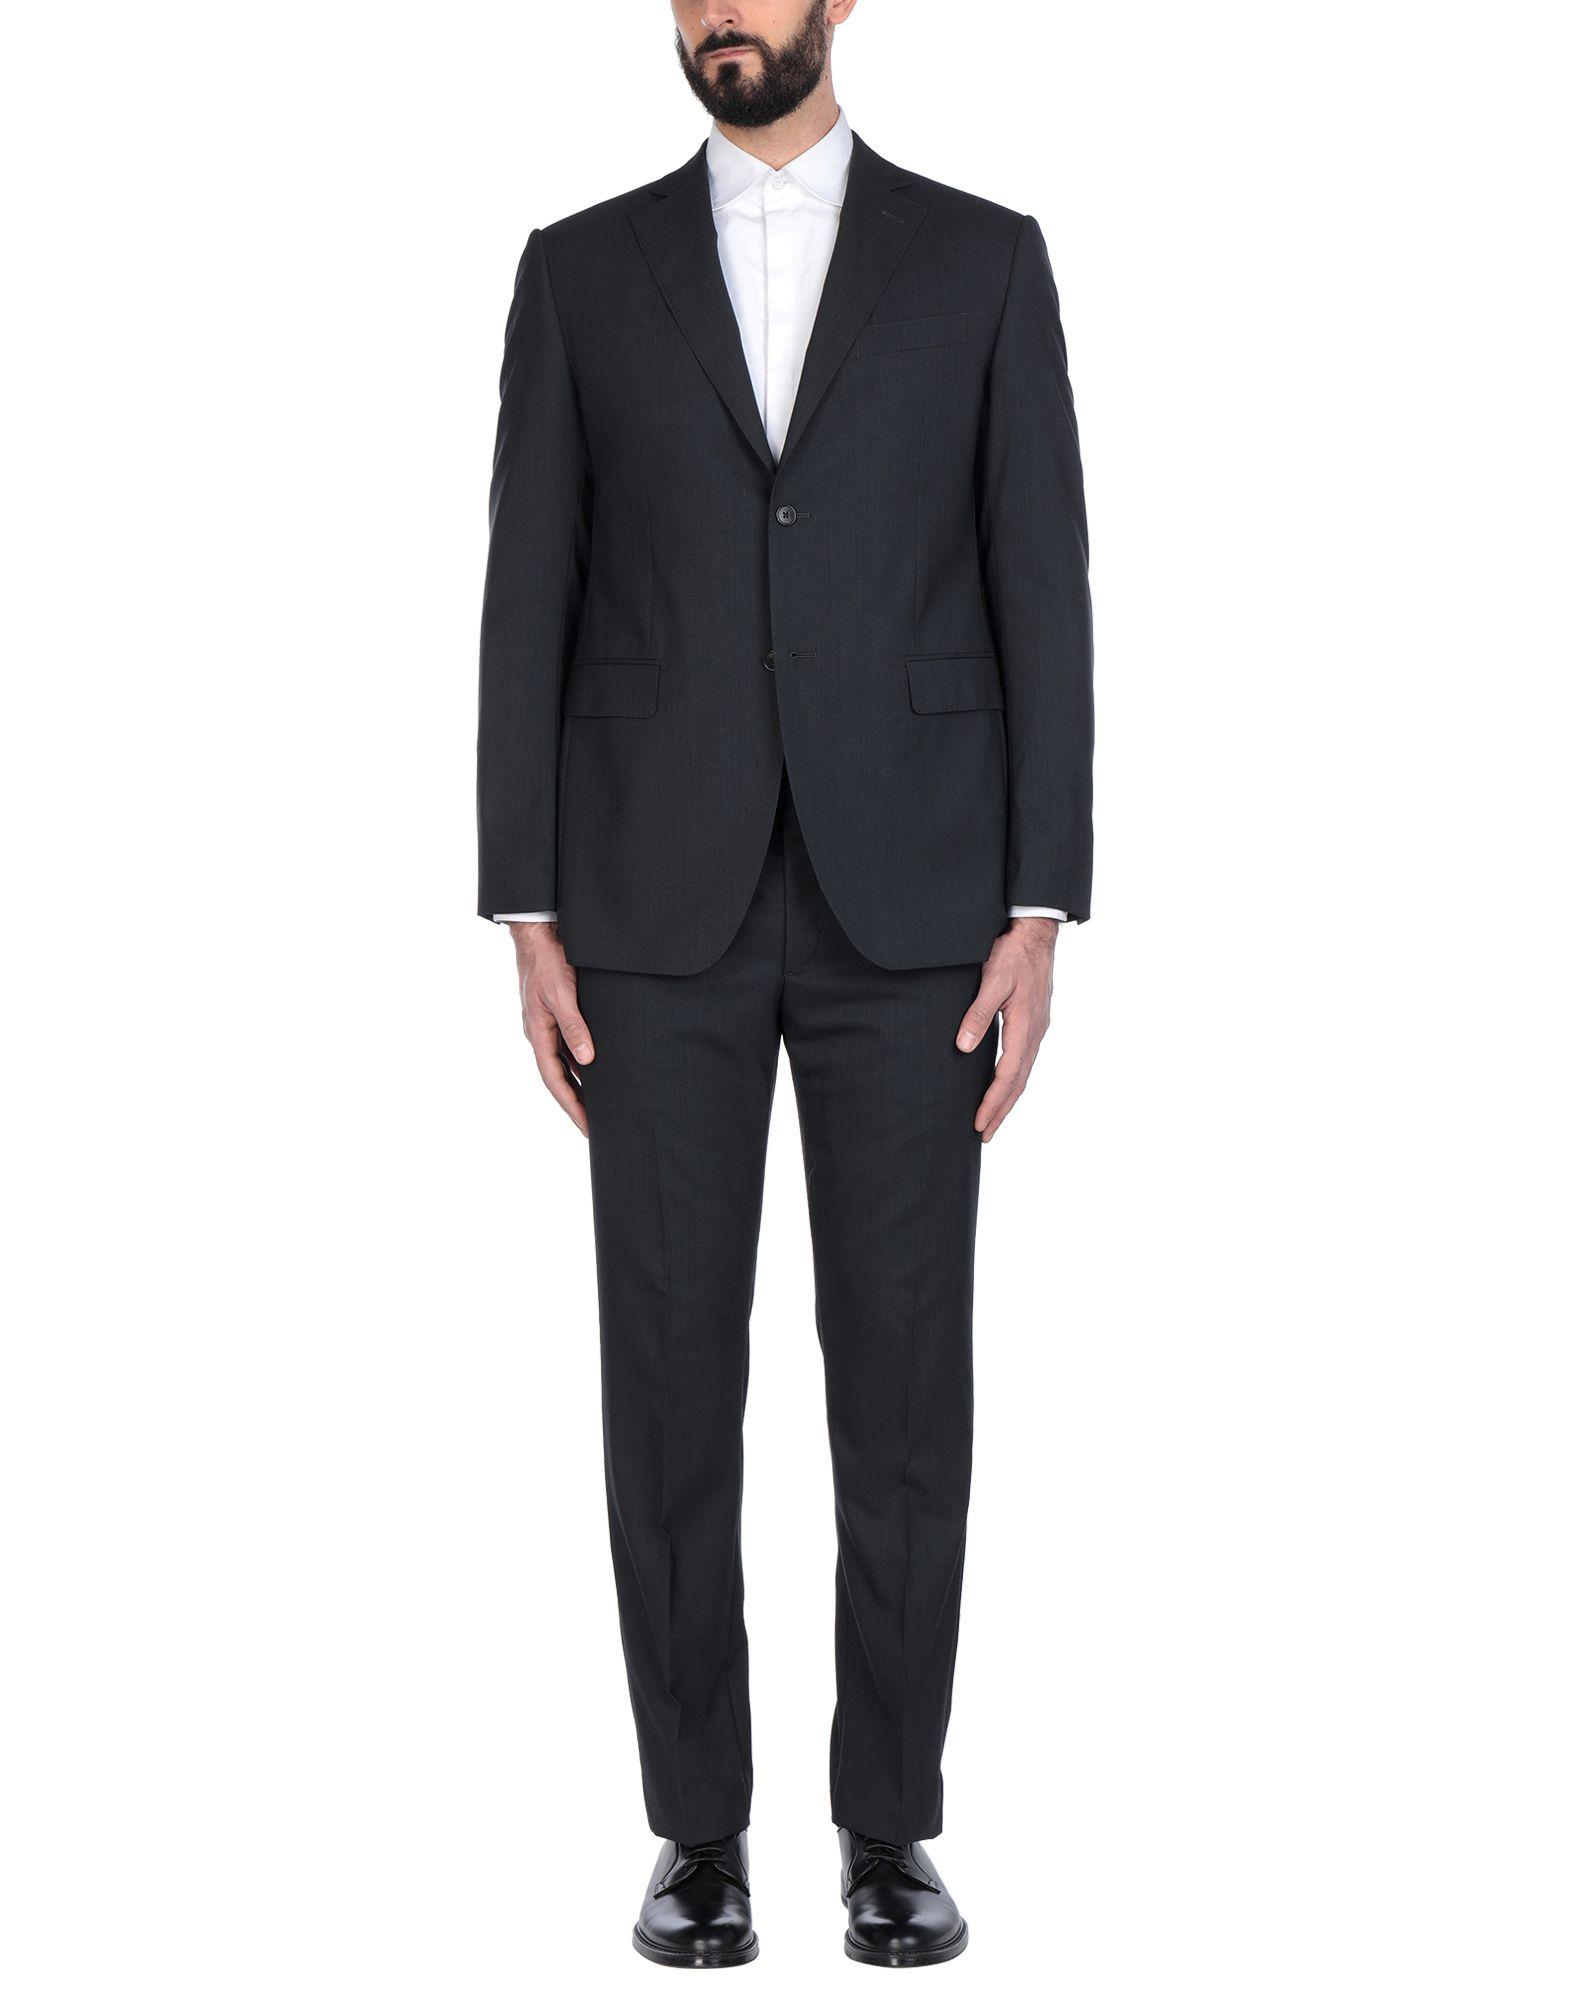 《送料無料》LUBIAM メンズ スーツ スチールグレー 54 ウール 100%